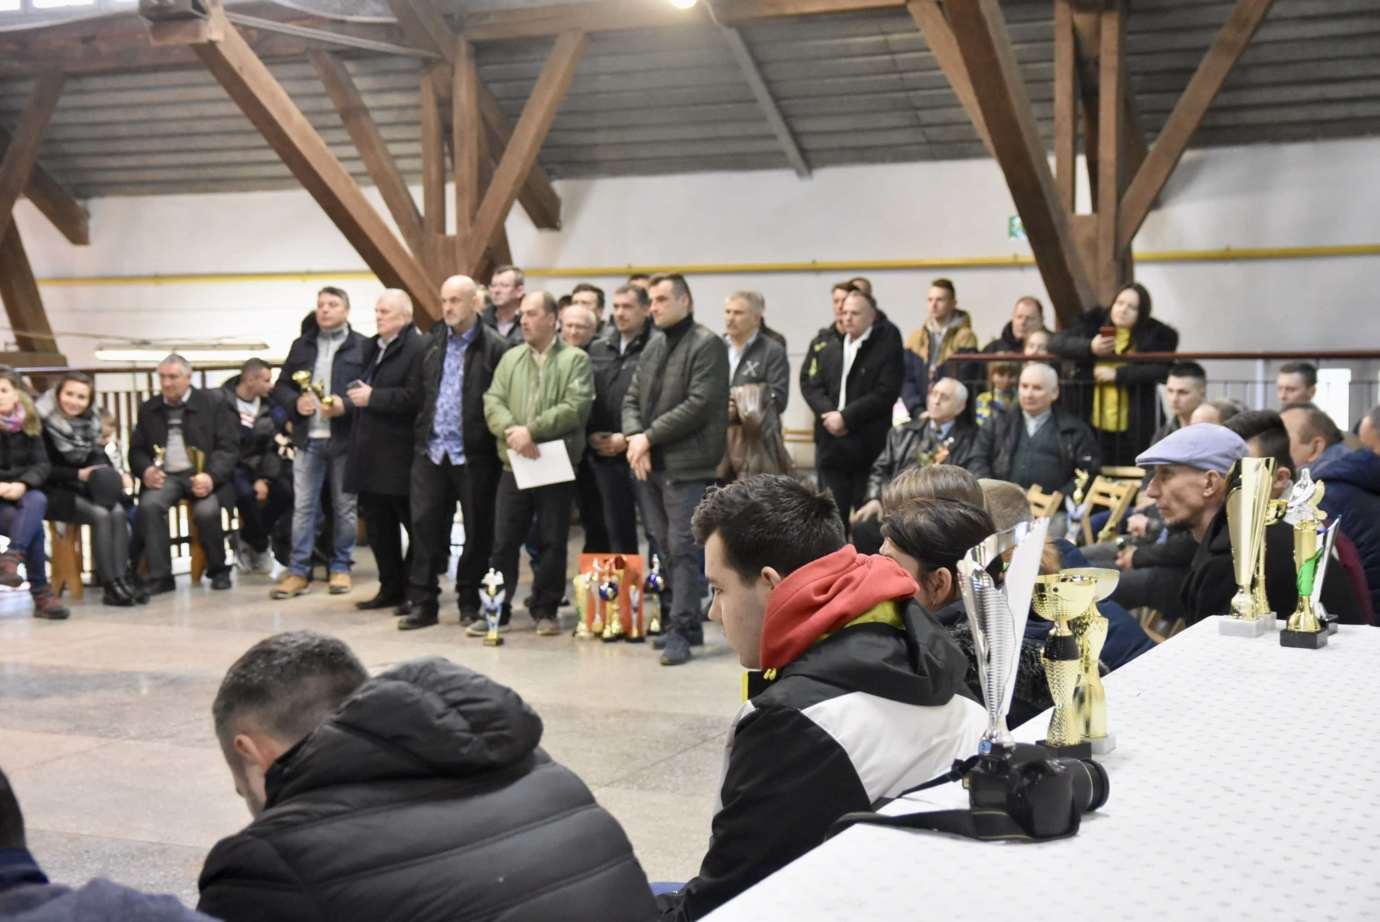 dsc 3761 XI Zamojska Wystawa Gołębi Rasowych i Drobiu Ozdobnego - publikujemy nazwiska i zdjęcia nagrodzonych